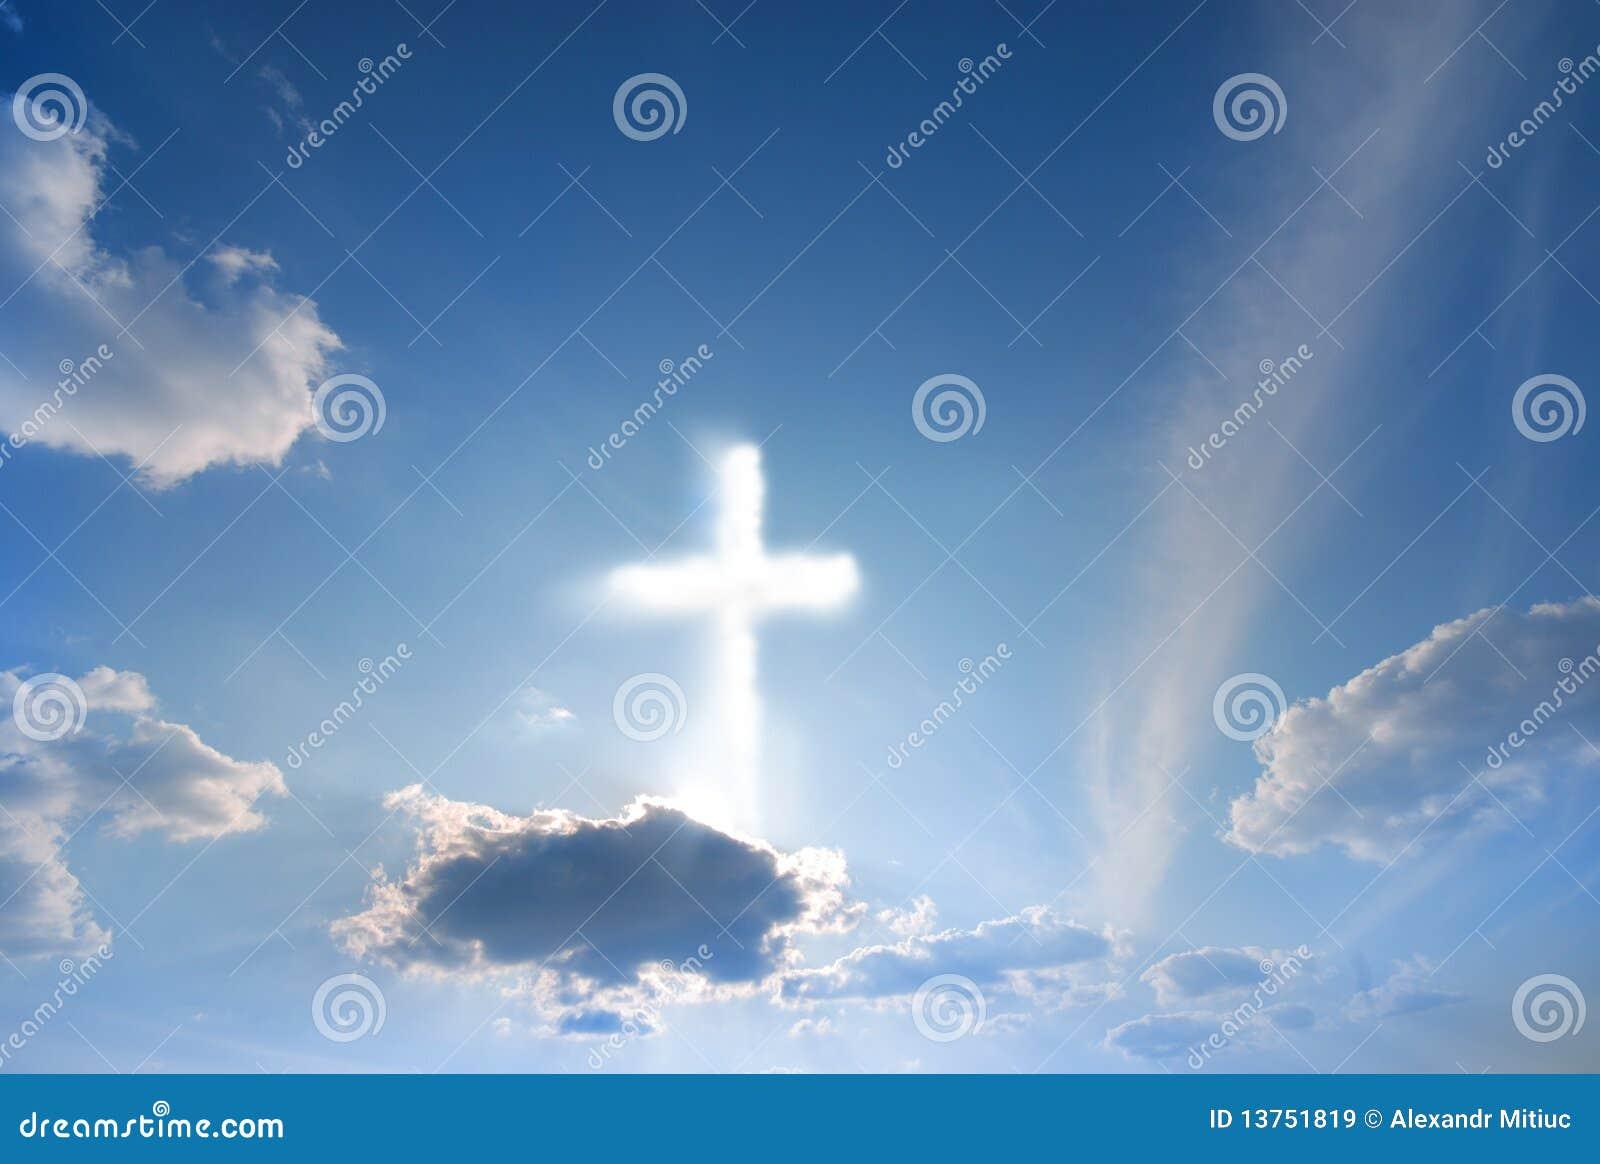 Божественное явление видео фото 544-787